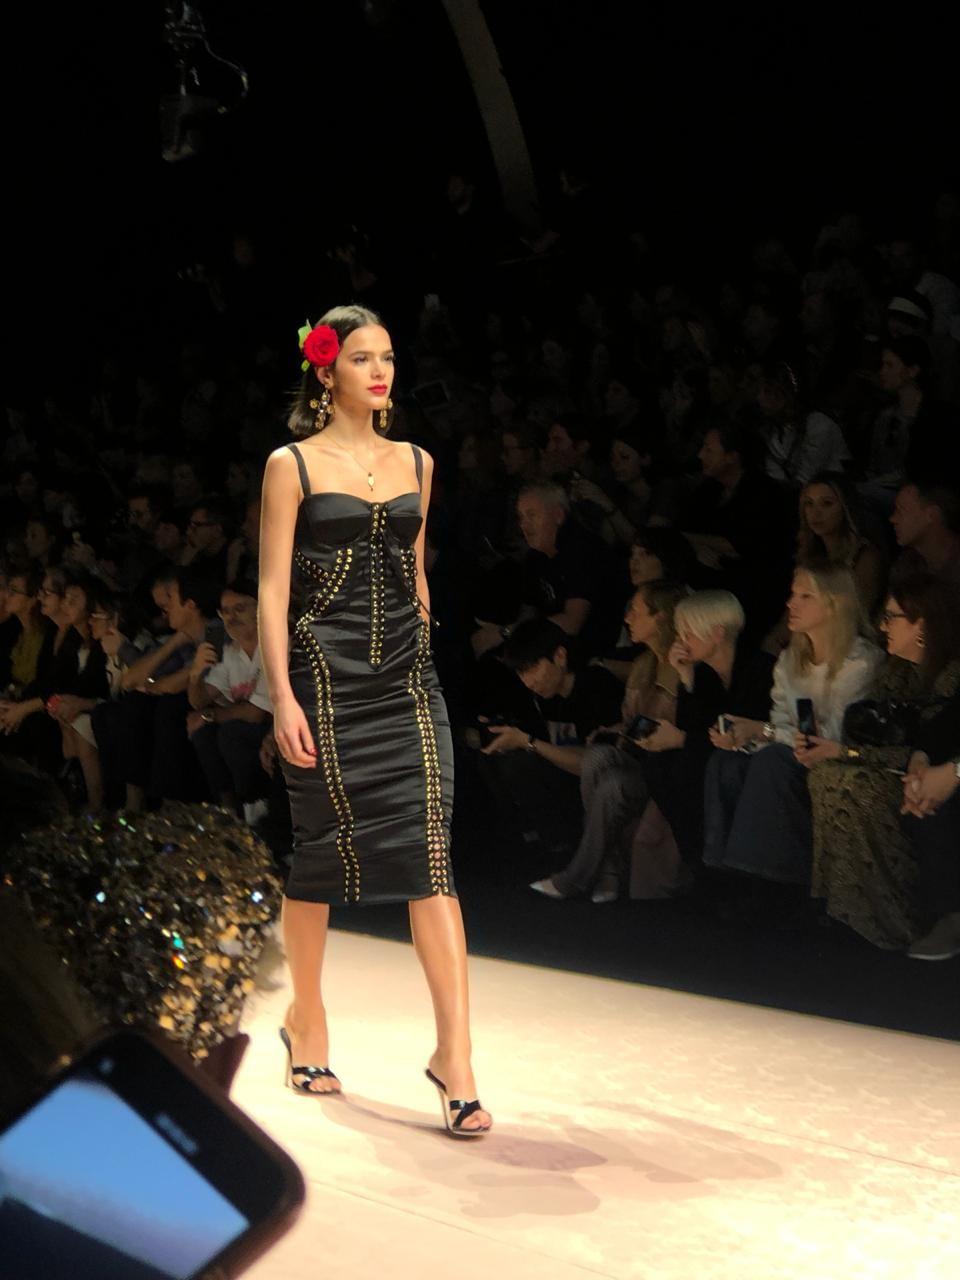 Bruna Marquezine desfilando na Semana de Moda de Milão (Foto: Maria Laura Neves)